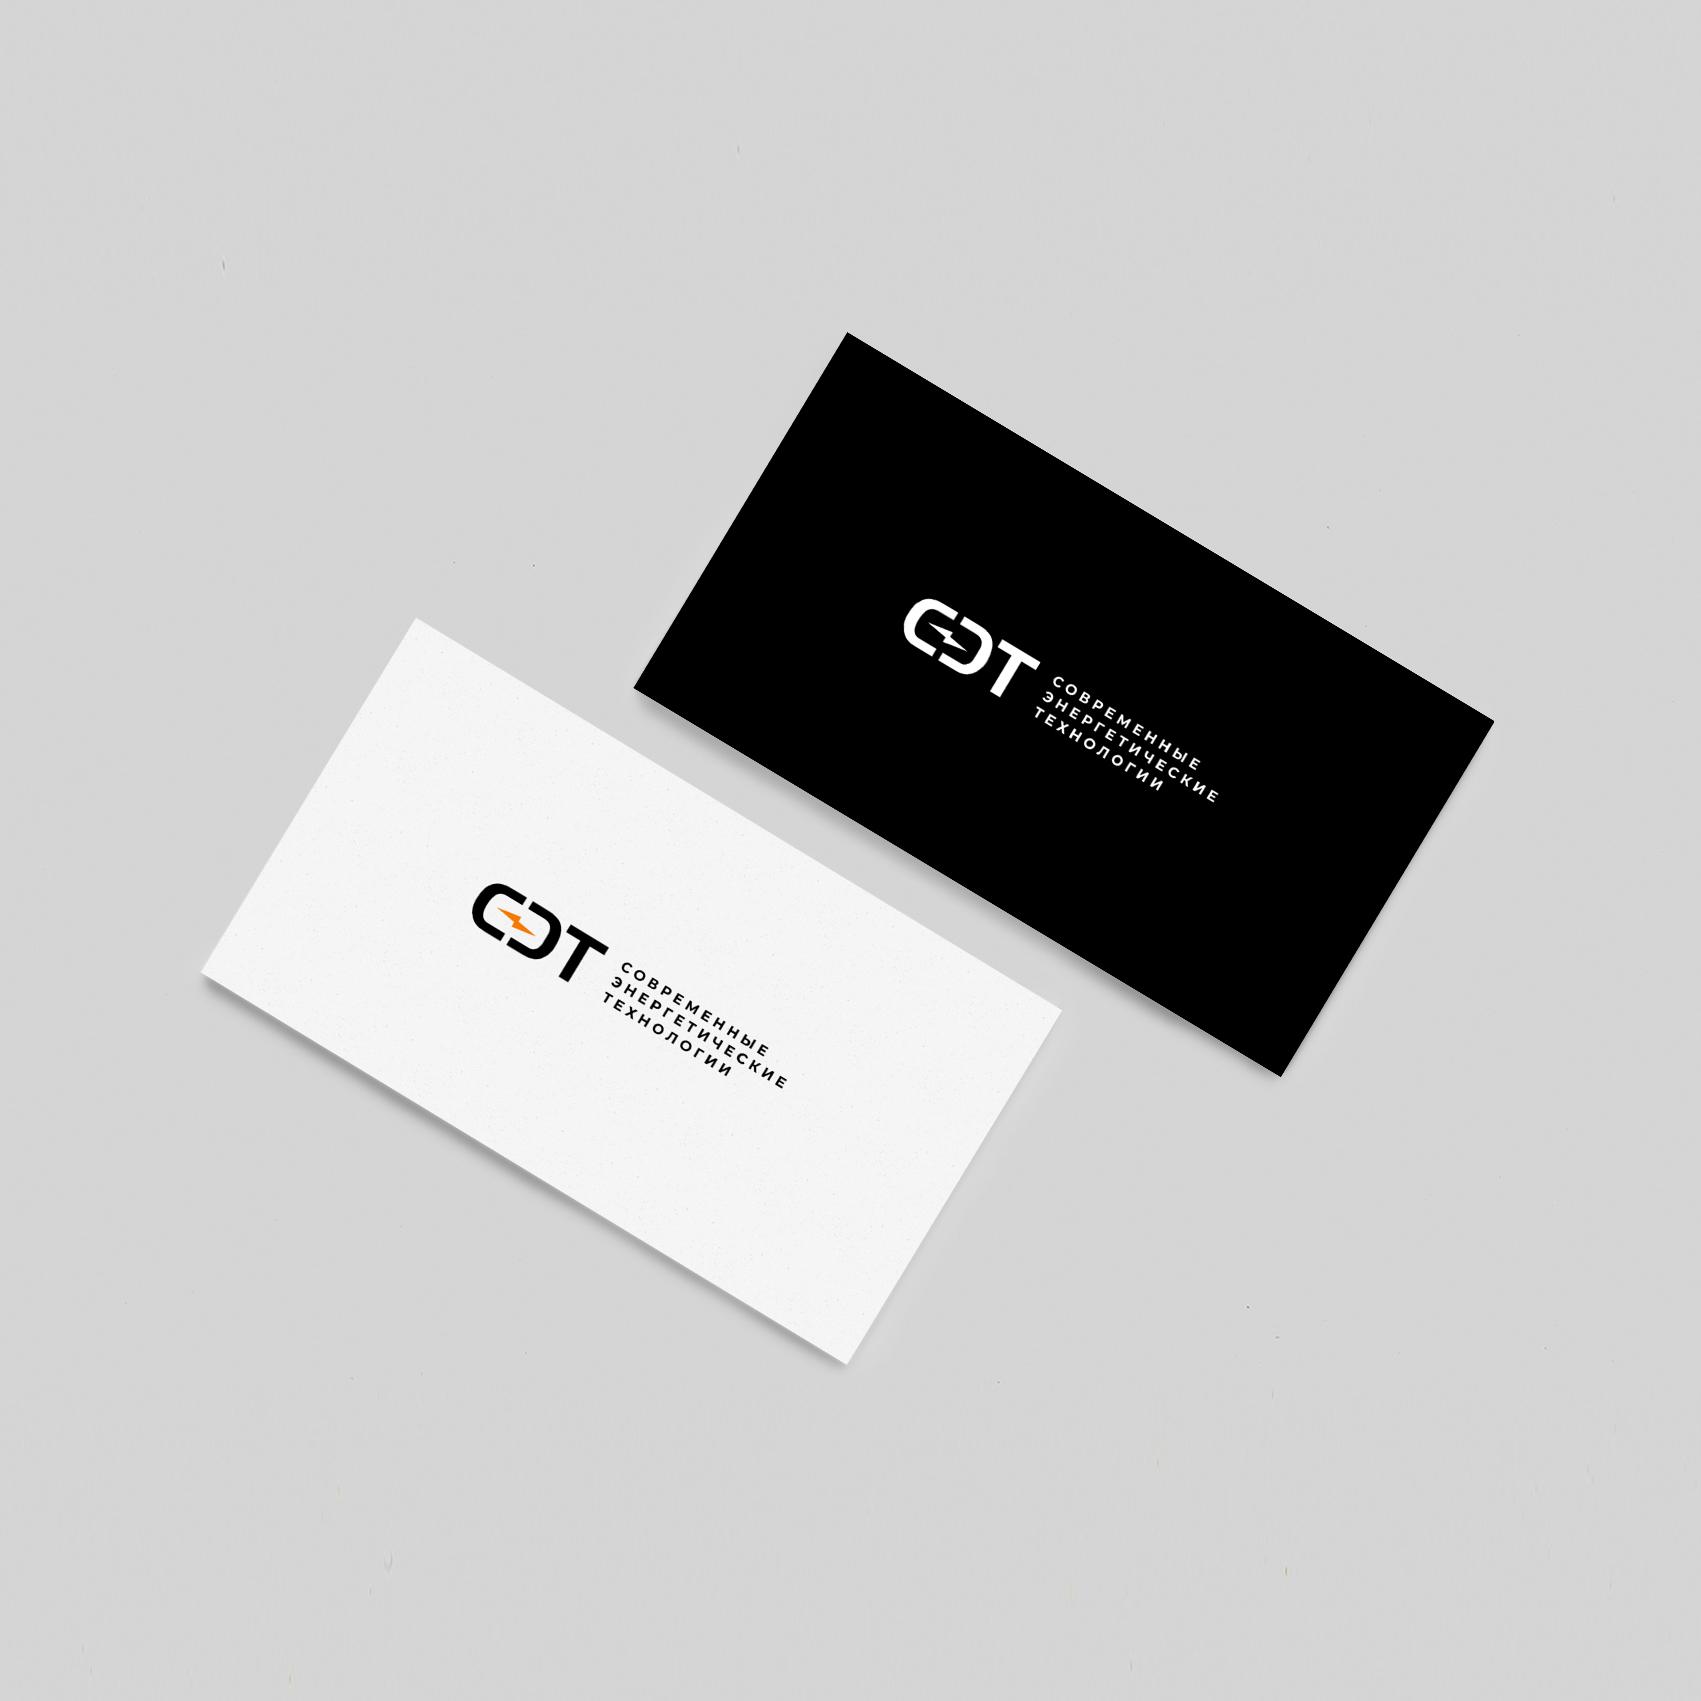 Срочно! Дизайн логотипа ООО «СЭТ» фото f_0835d4d0a2c5f8f0.jpg